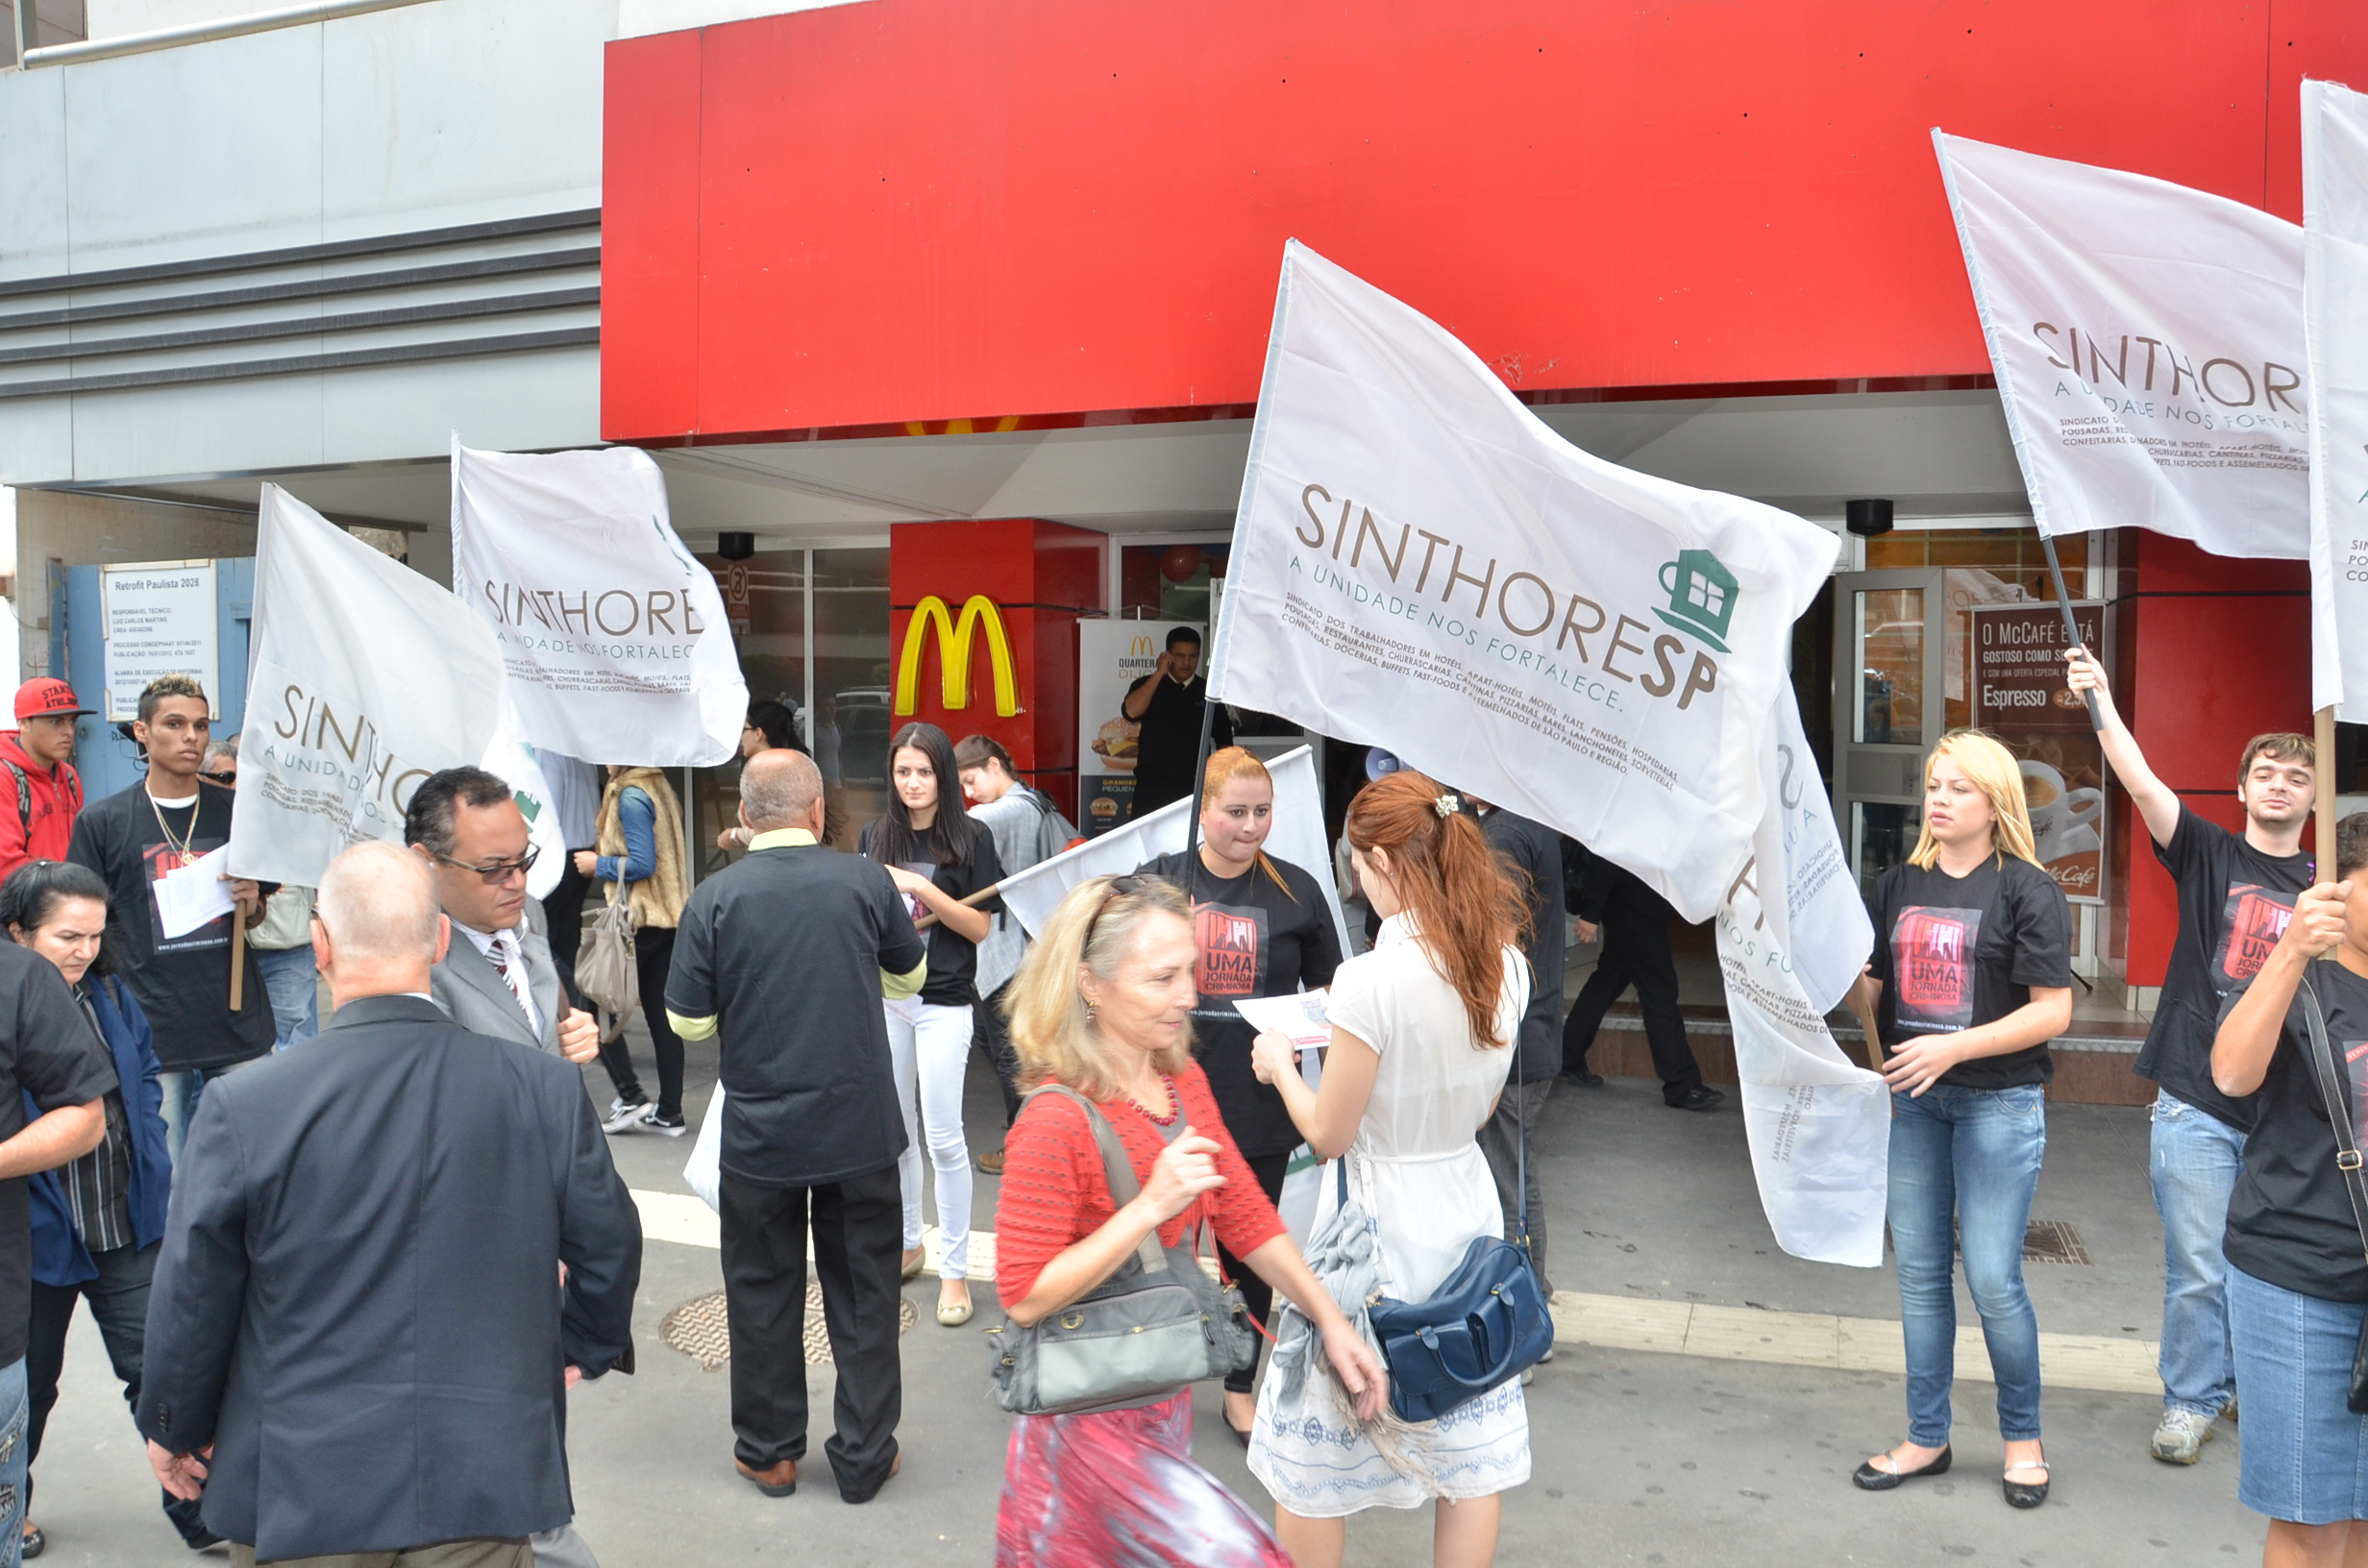 Sinthoresp participa de manifestação global contra a exploração de mão de obra no McDonald's